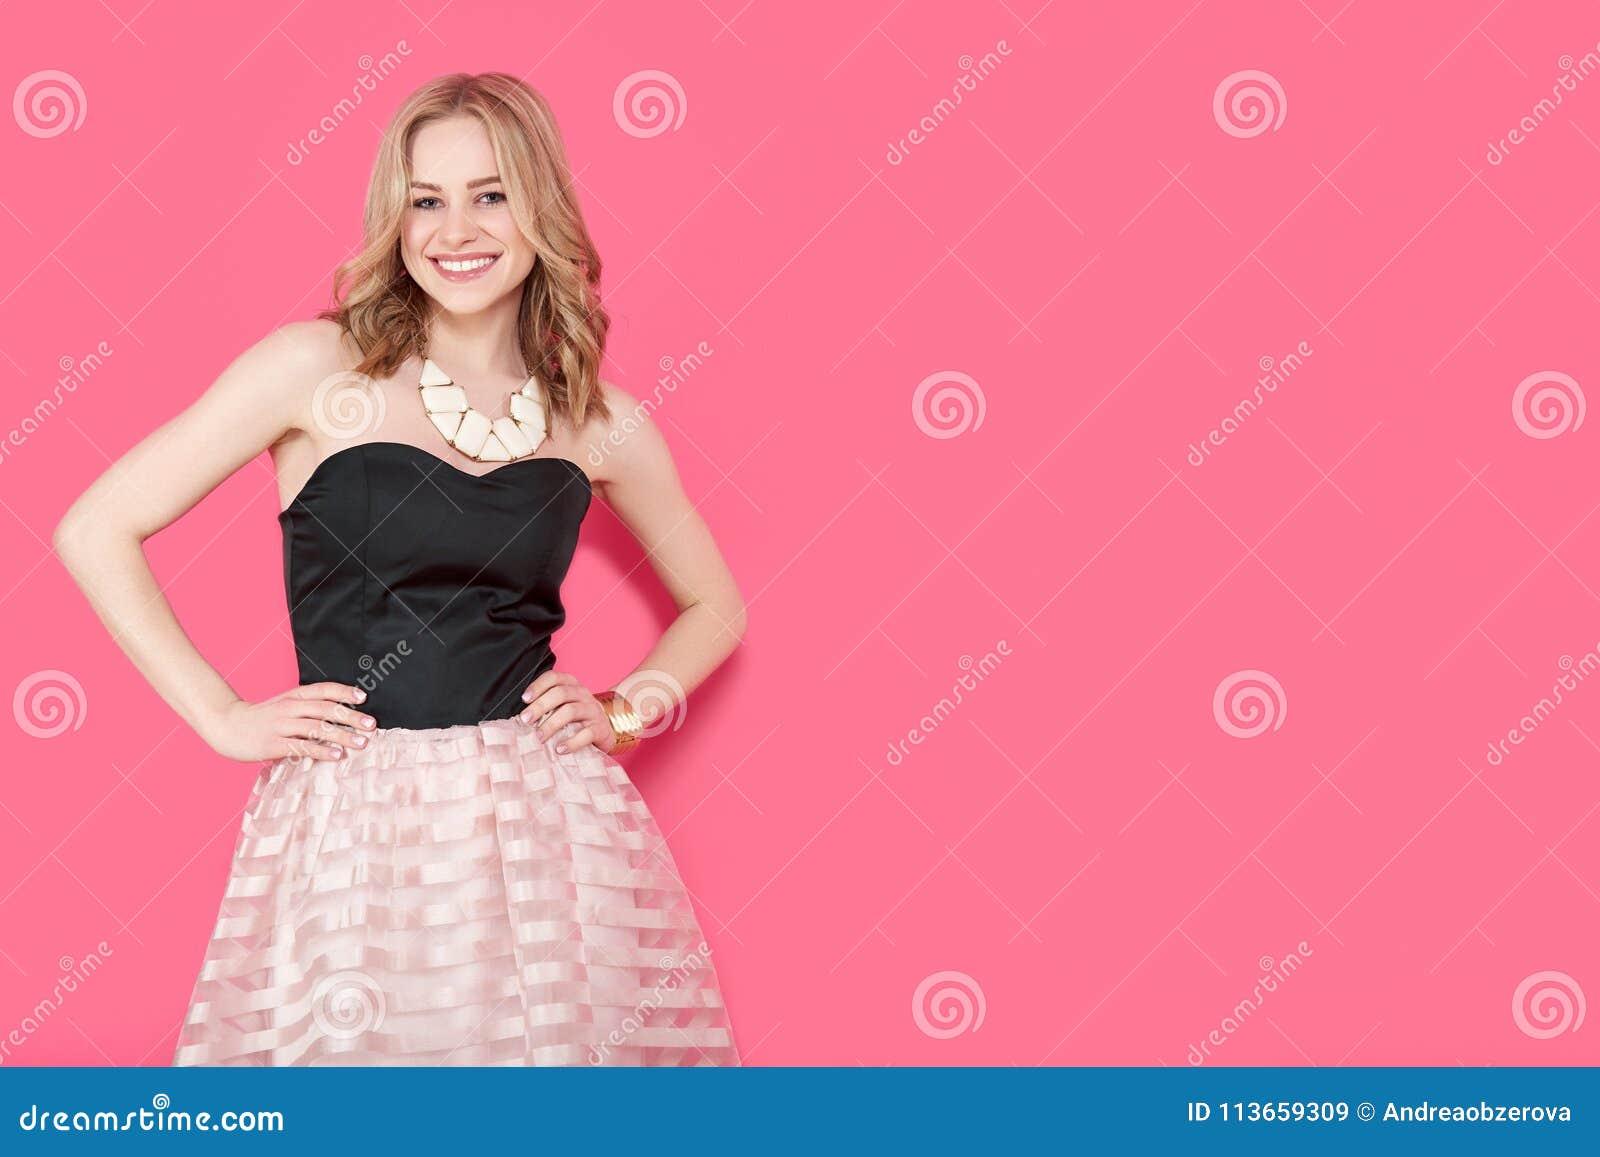 Mujer Joven Rubia Atractiva En Vestido De Fiesta Elegante Y Joyería ...